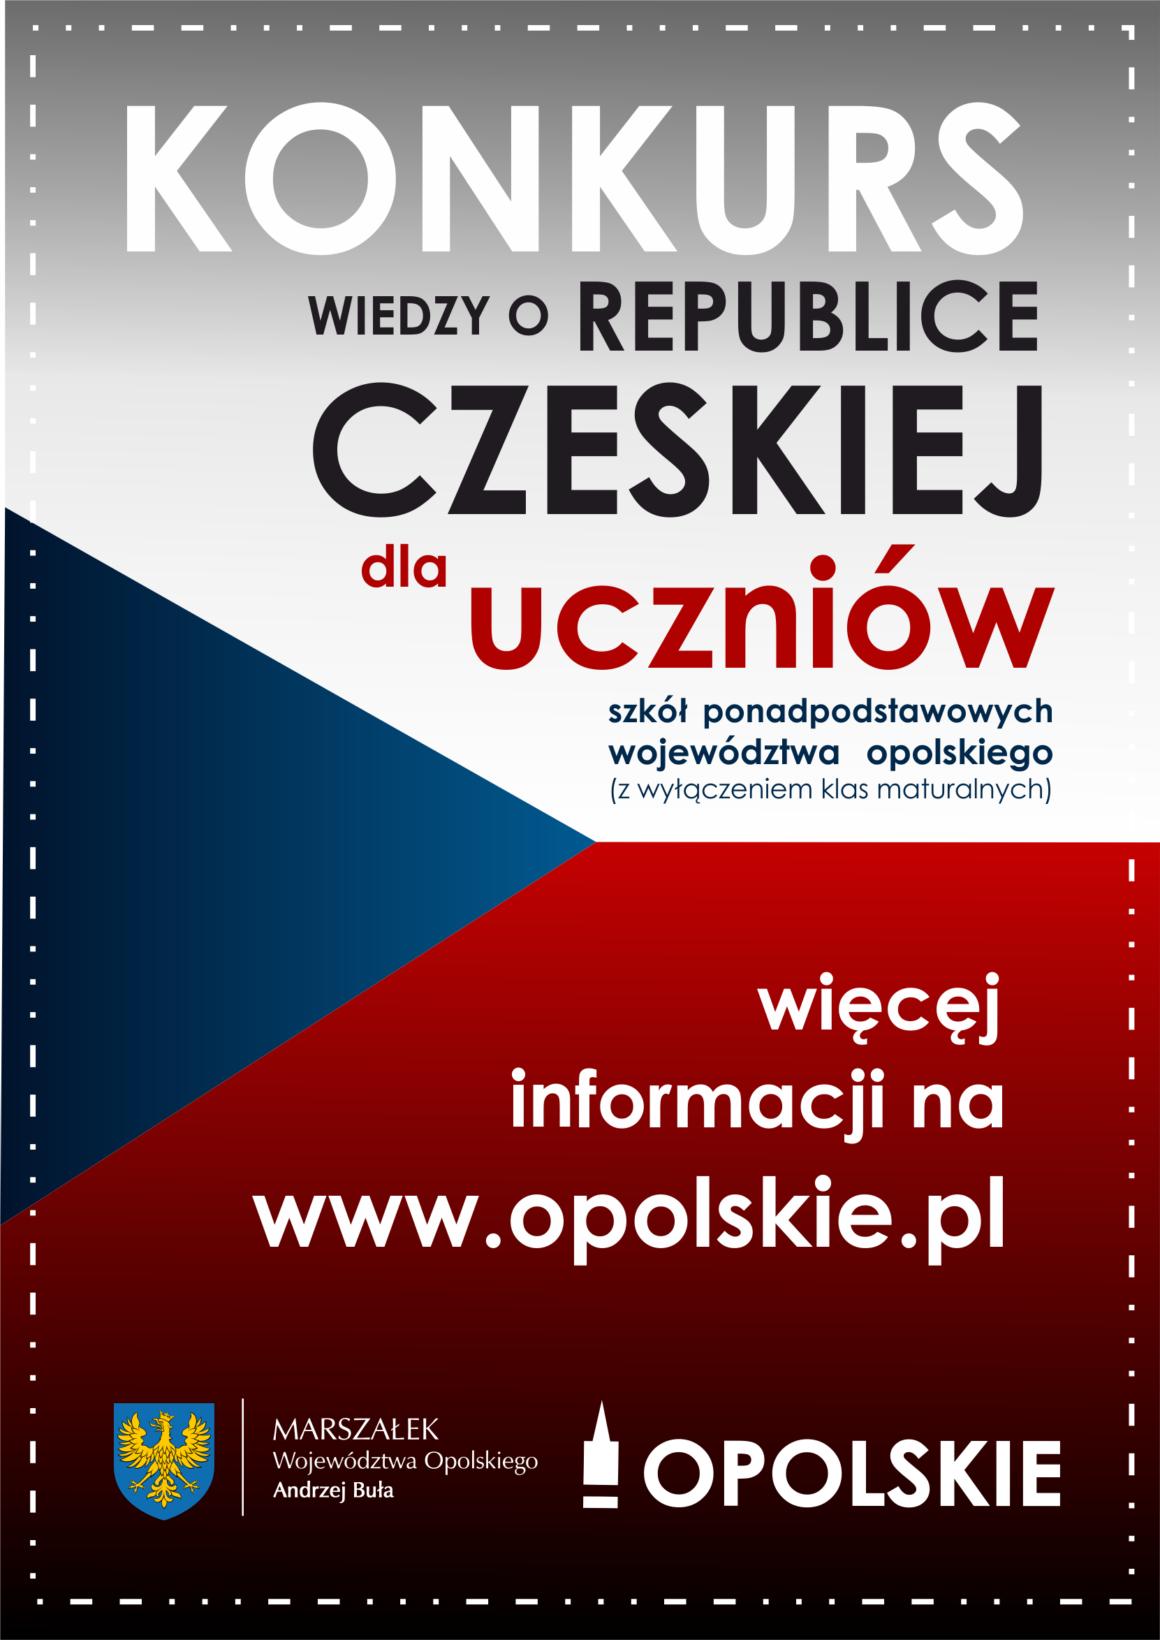 Konkurs Wiedzy o Republice Czeskiej rozstrzygnięty!